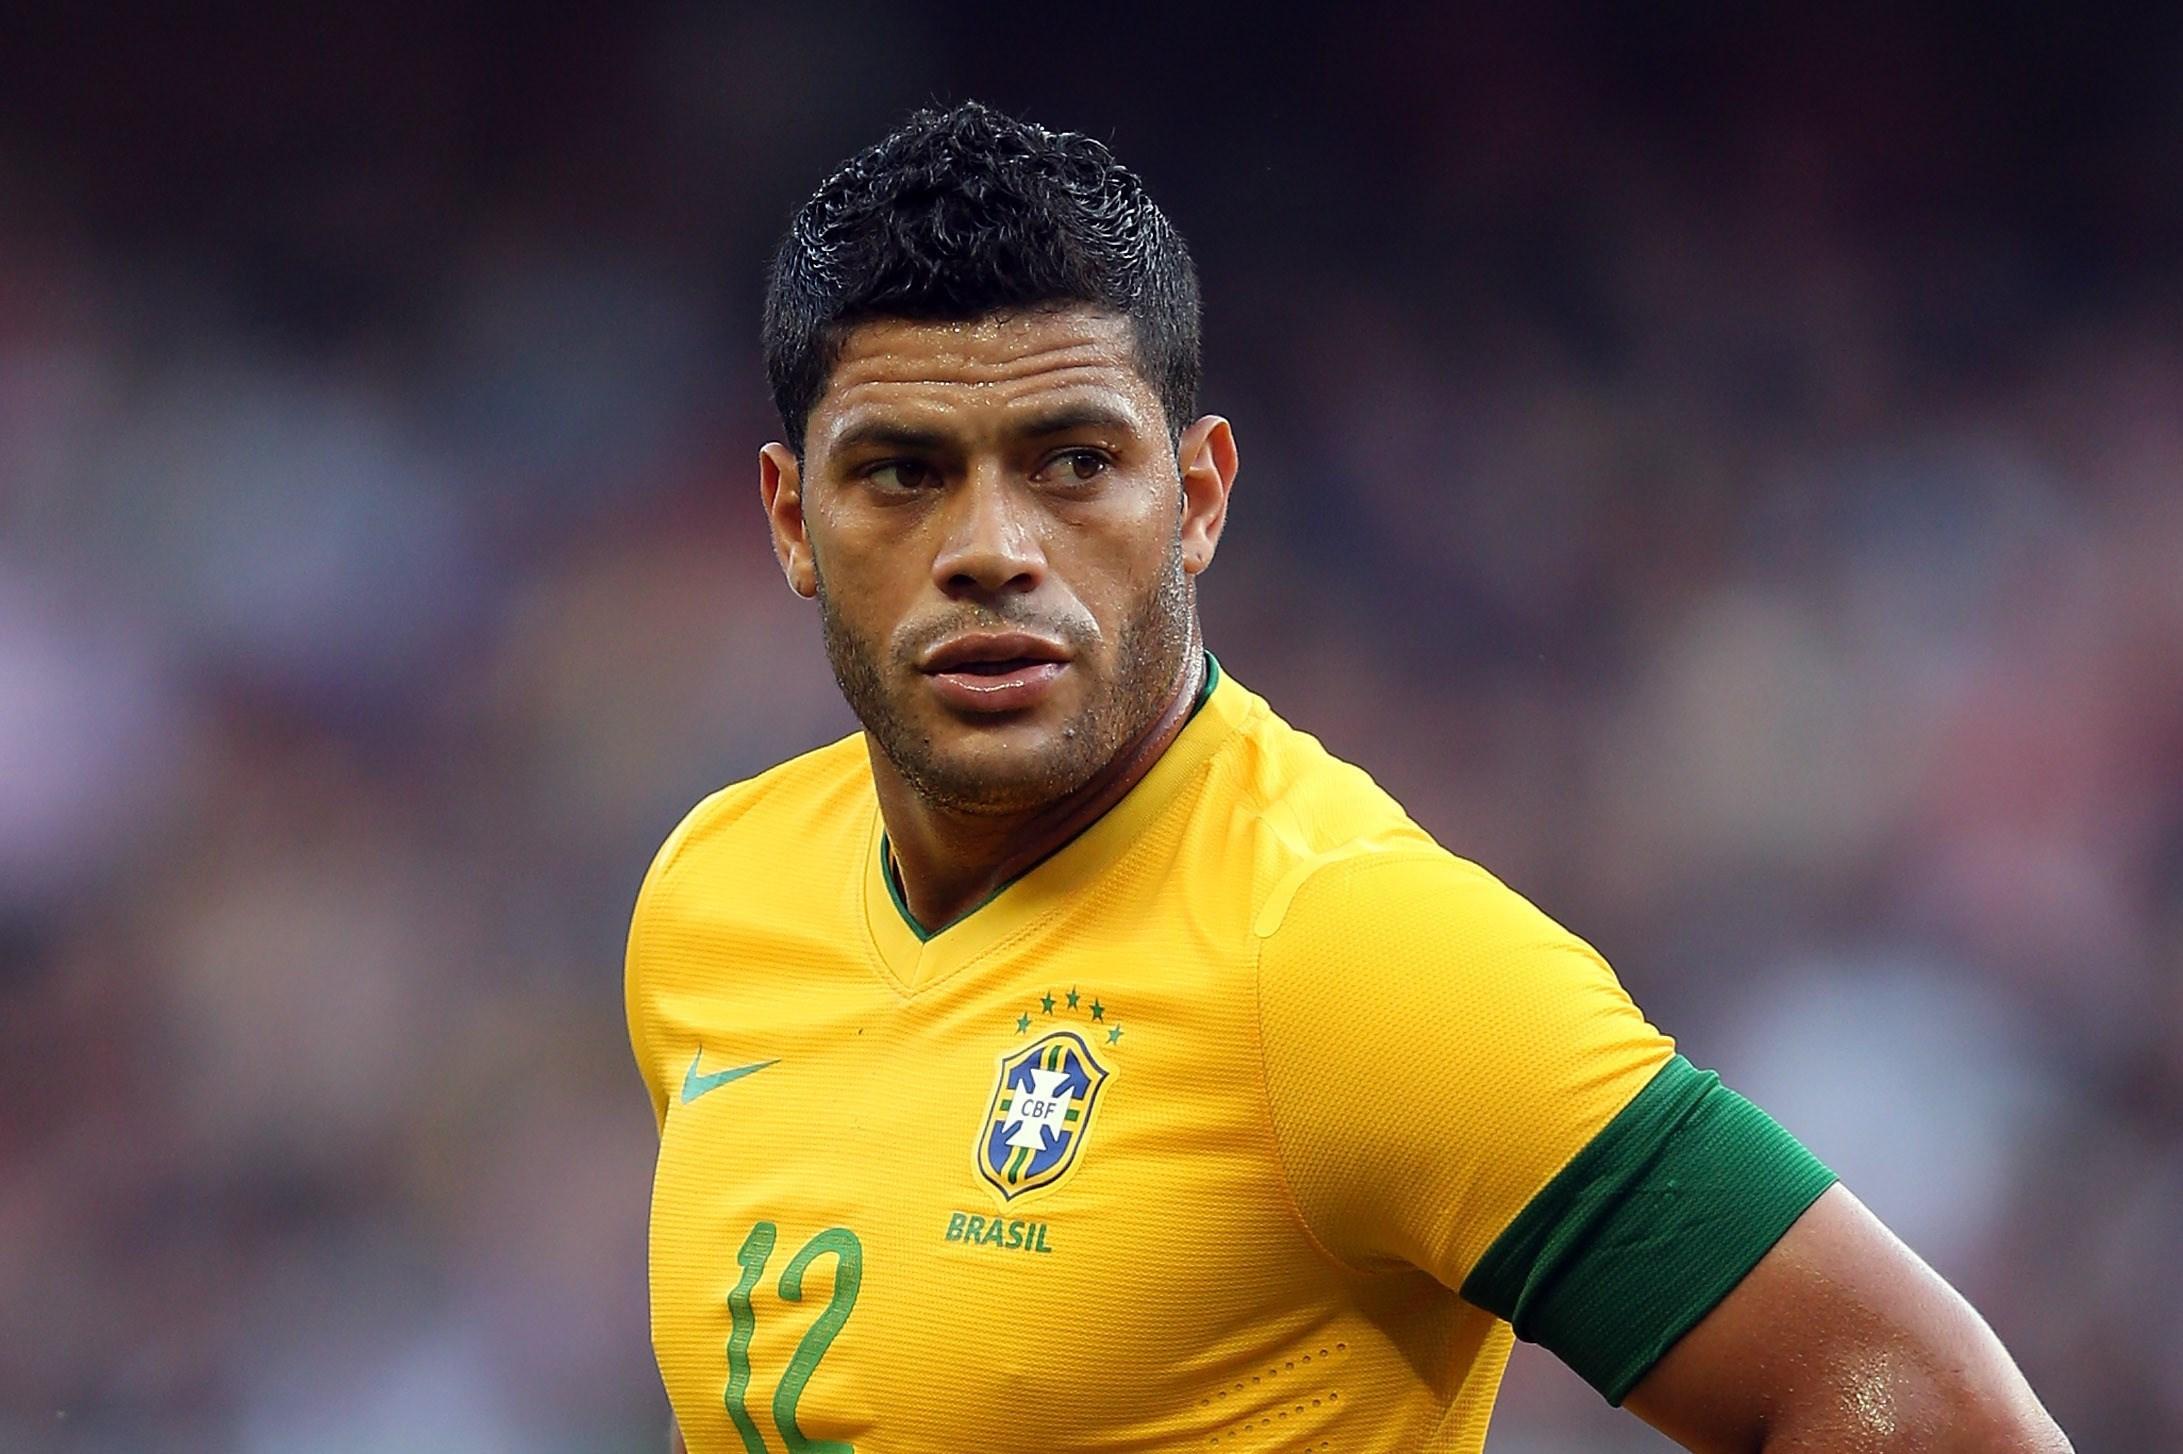 هالك مع منتخب البرازيل (أرشيف)